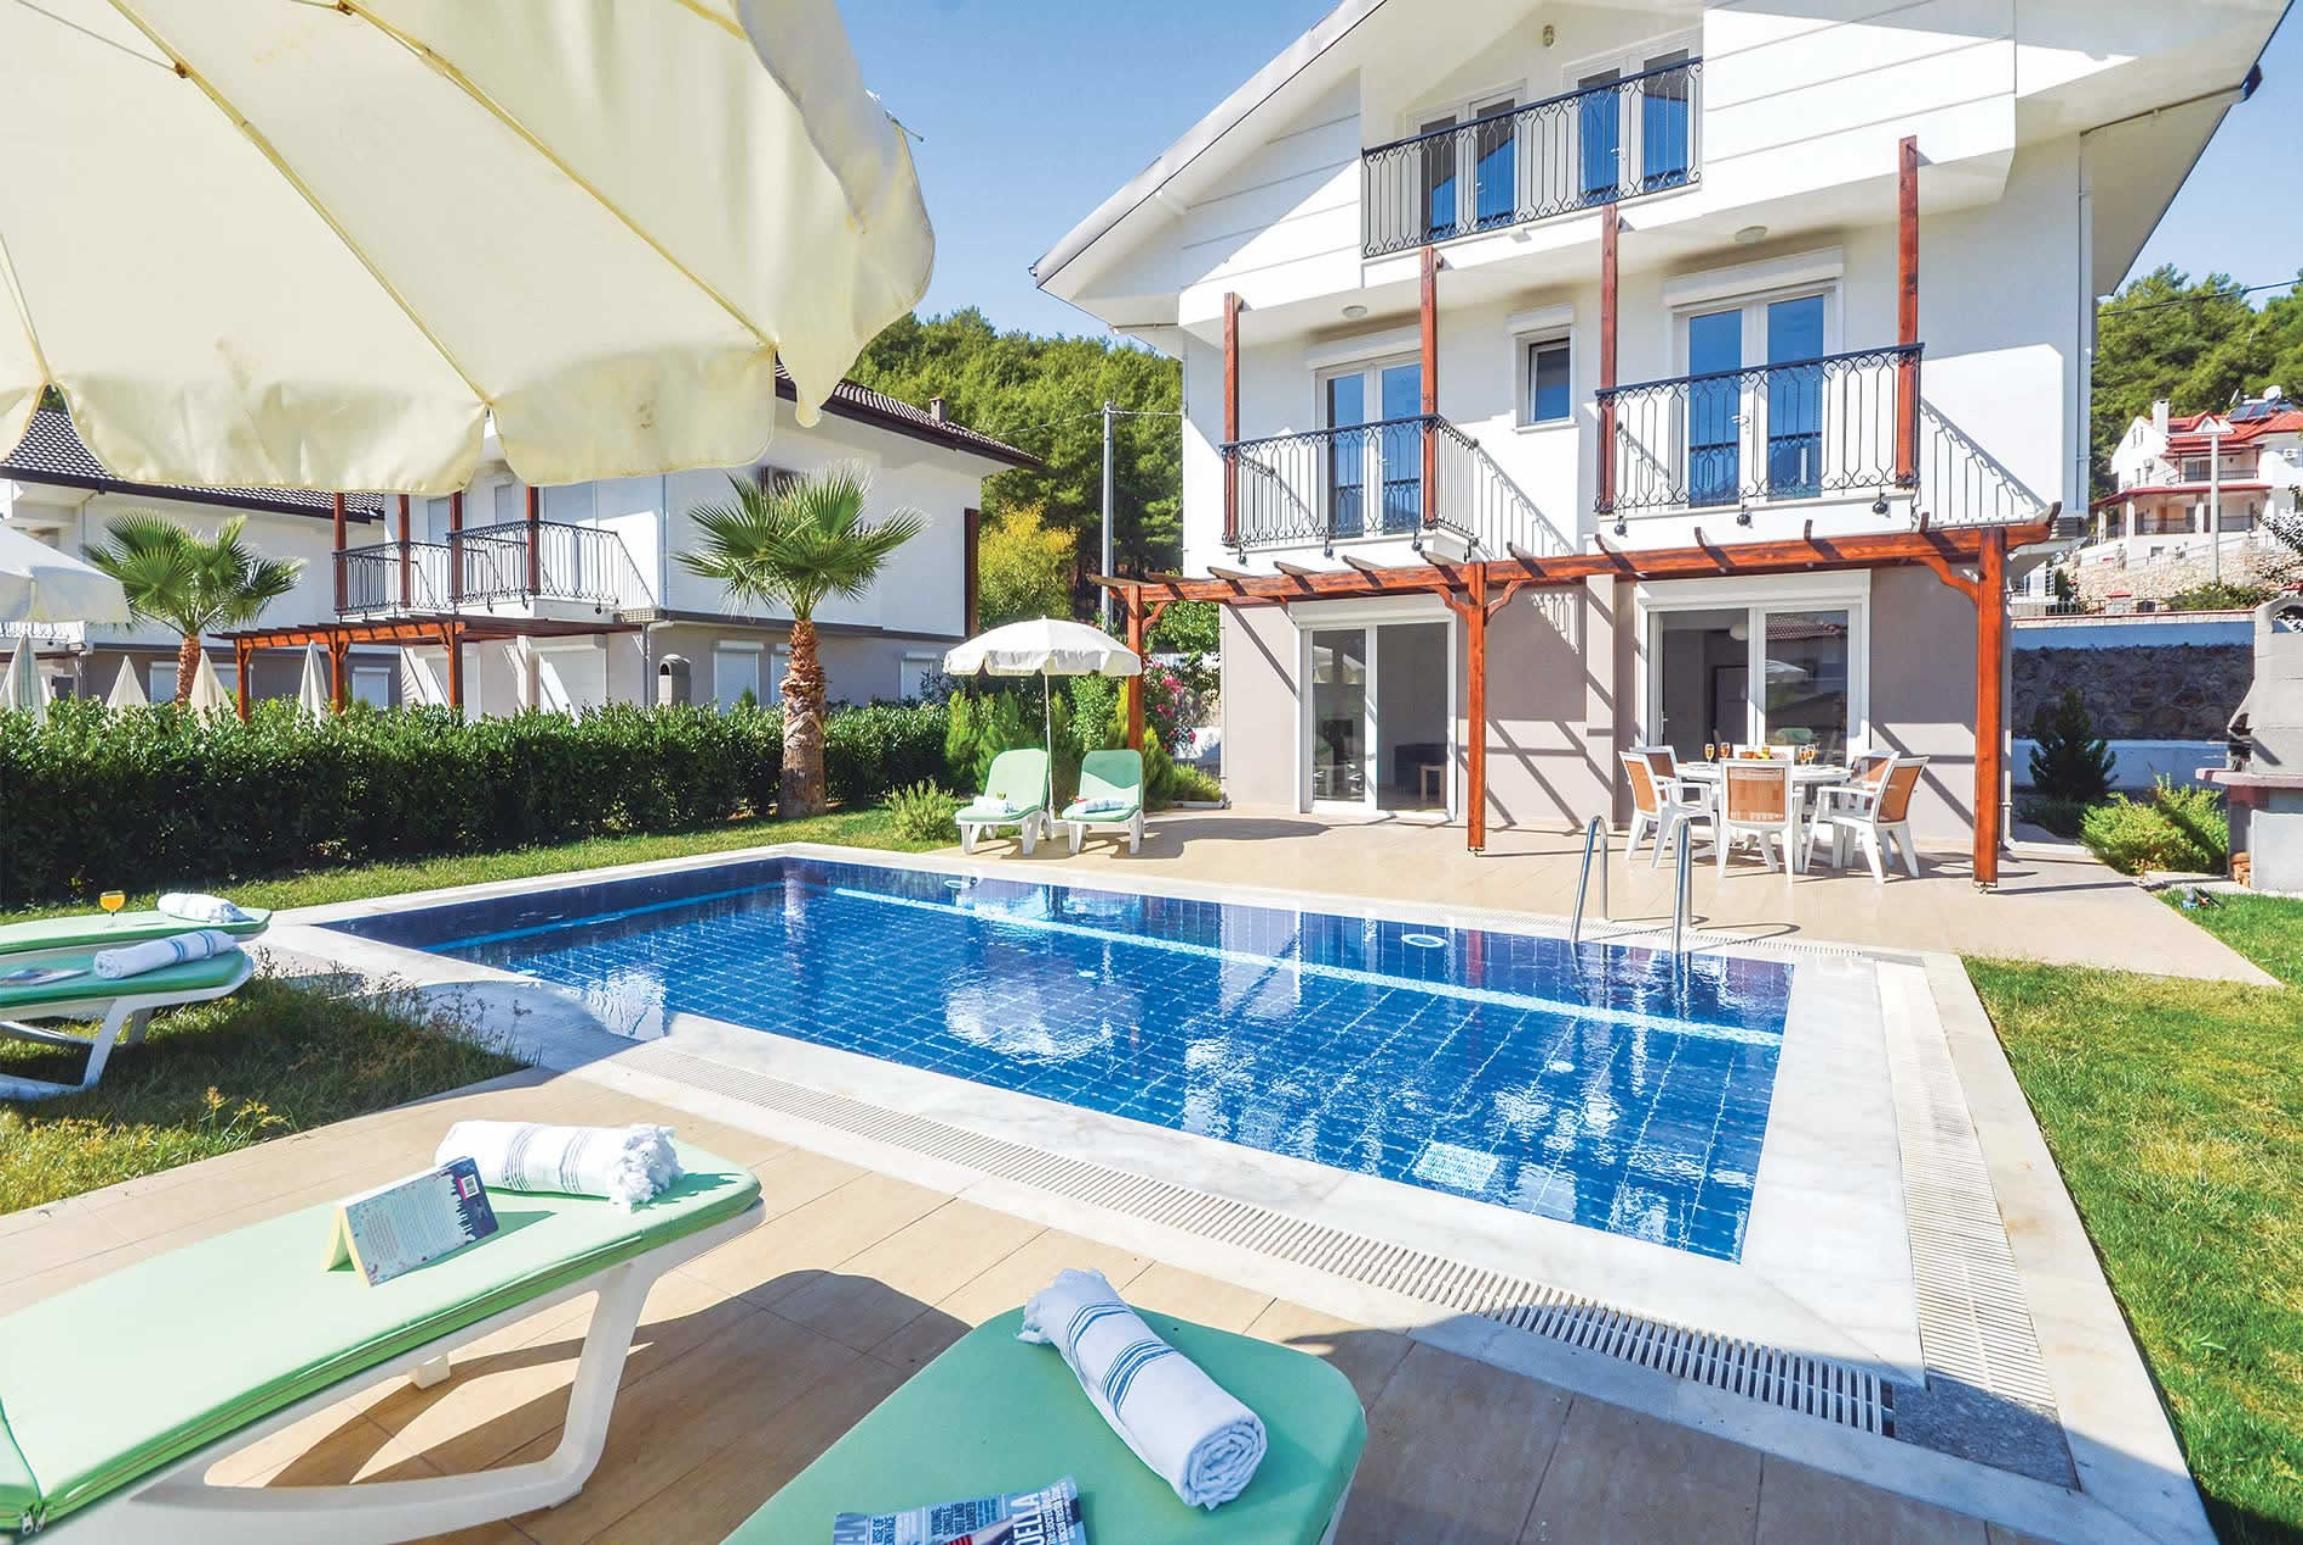 Maison de vacances Fidan (2649920), Ölüdeniz, , Région Egéenne, Turquie, image 9